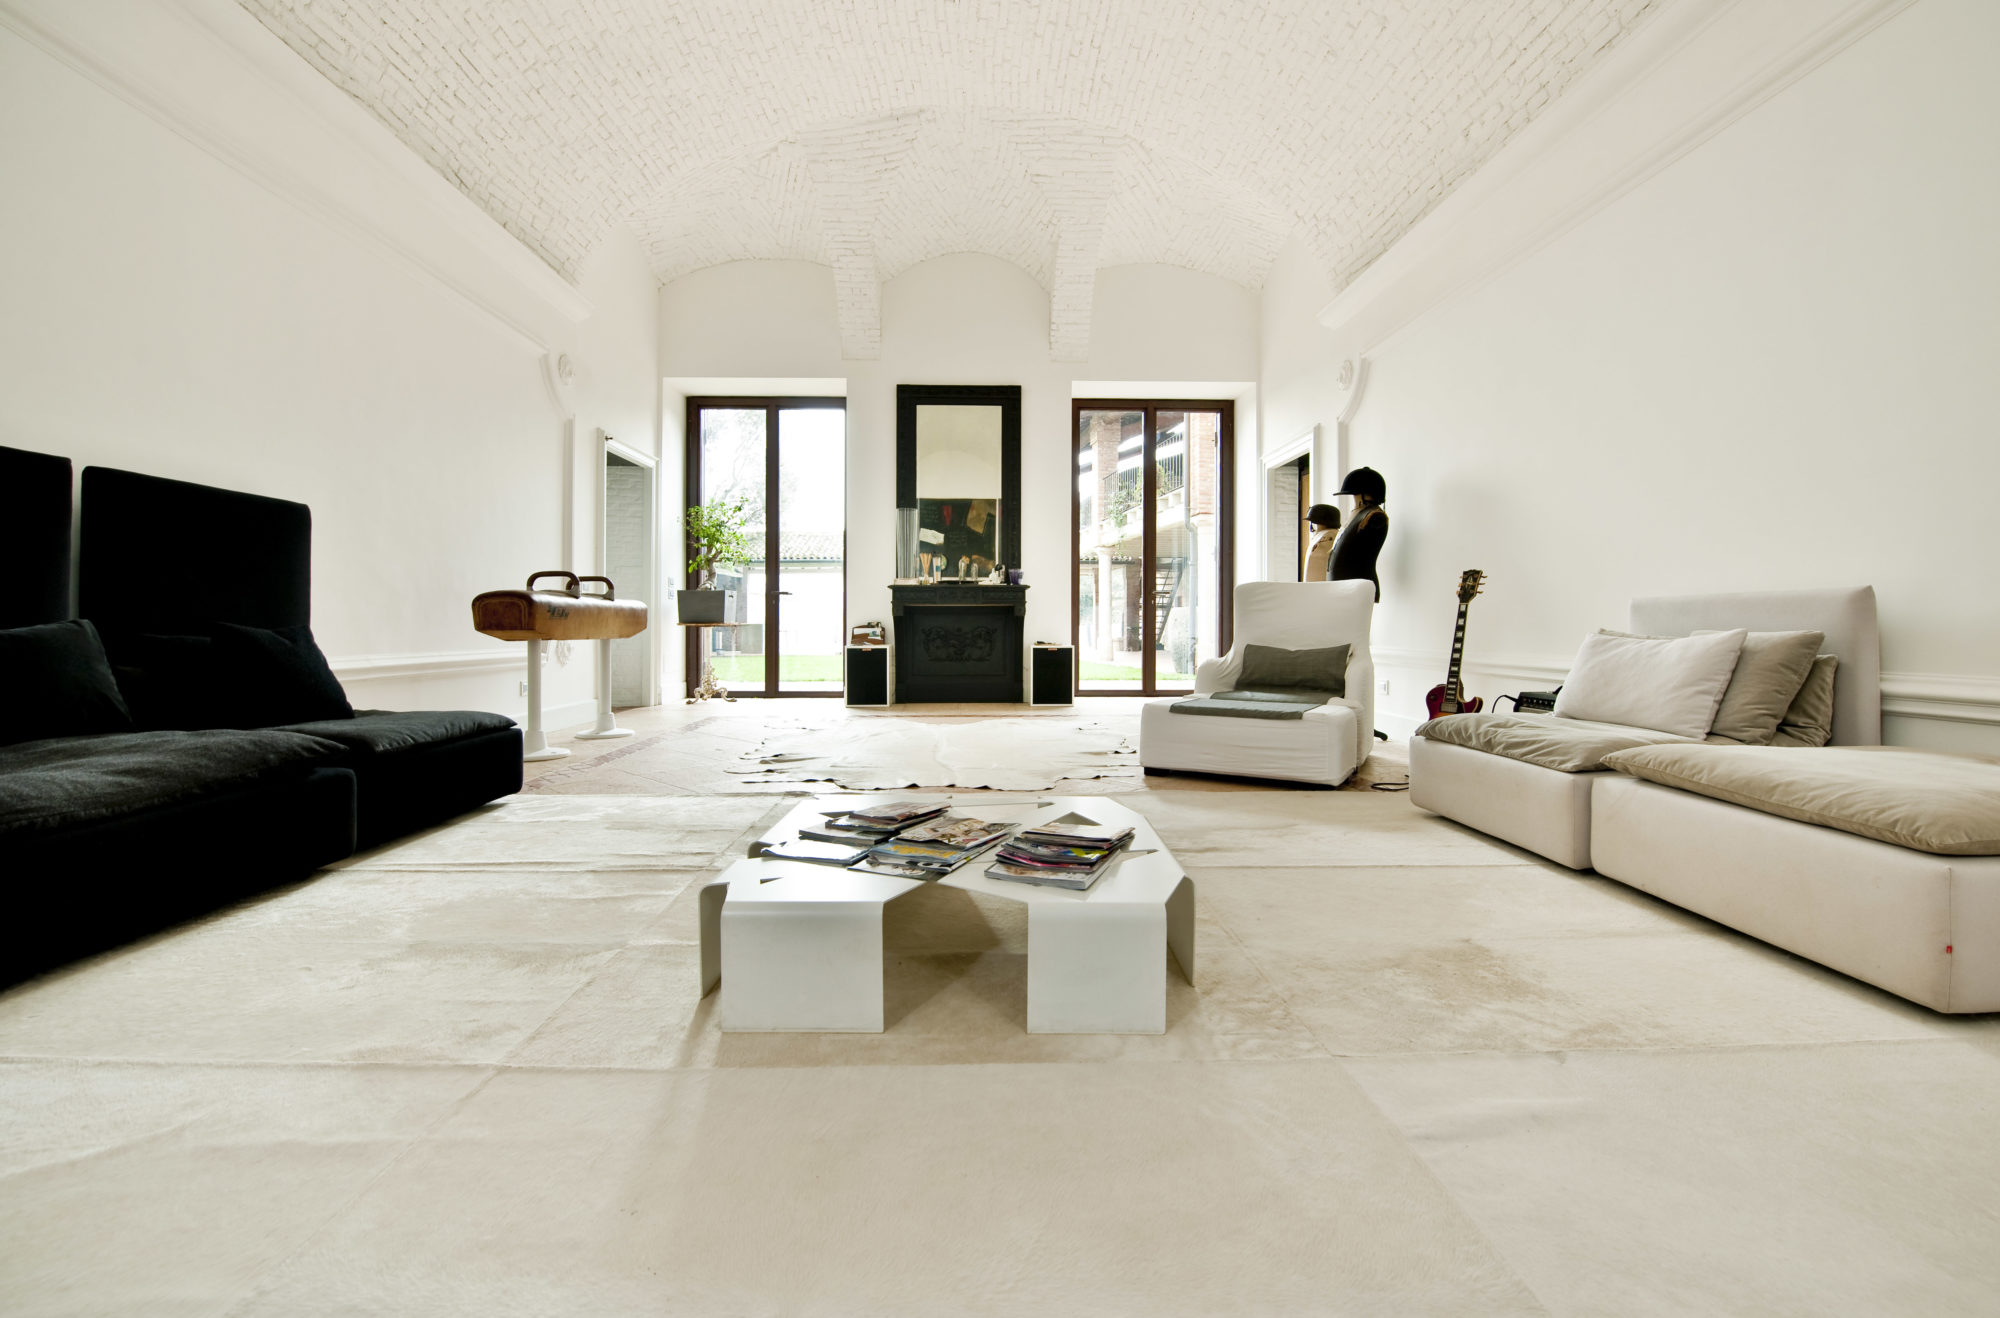 Casa di campagna fotografo brescia ottavio tomasini for Arredamento casa brescia